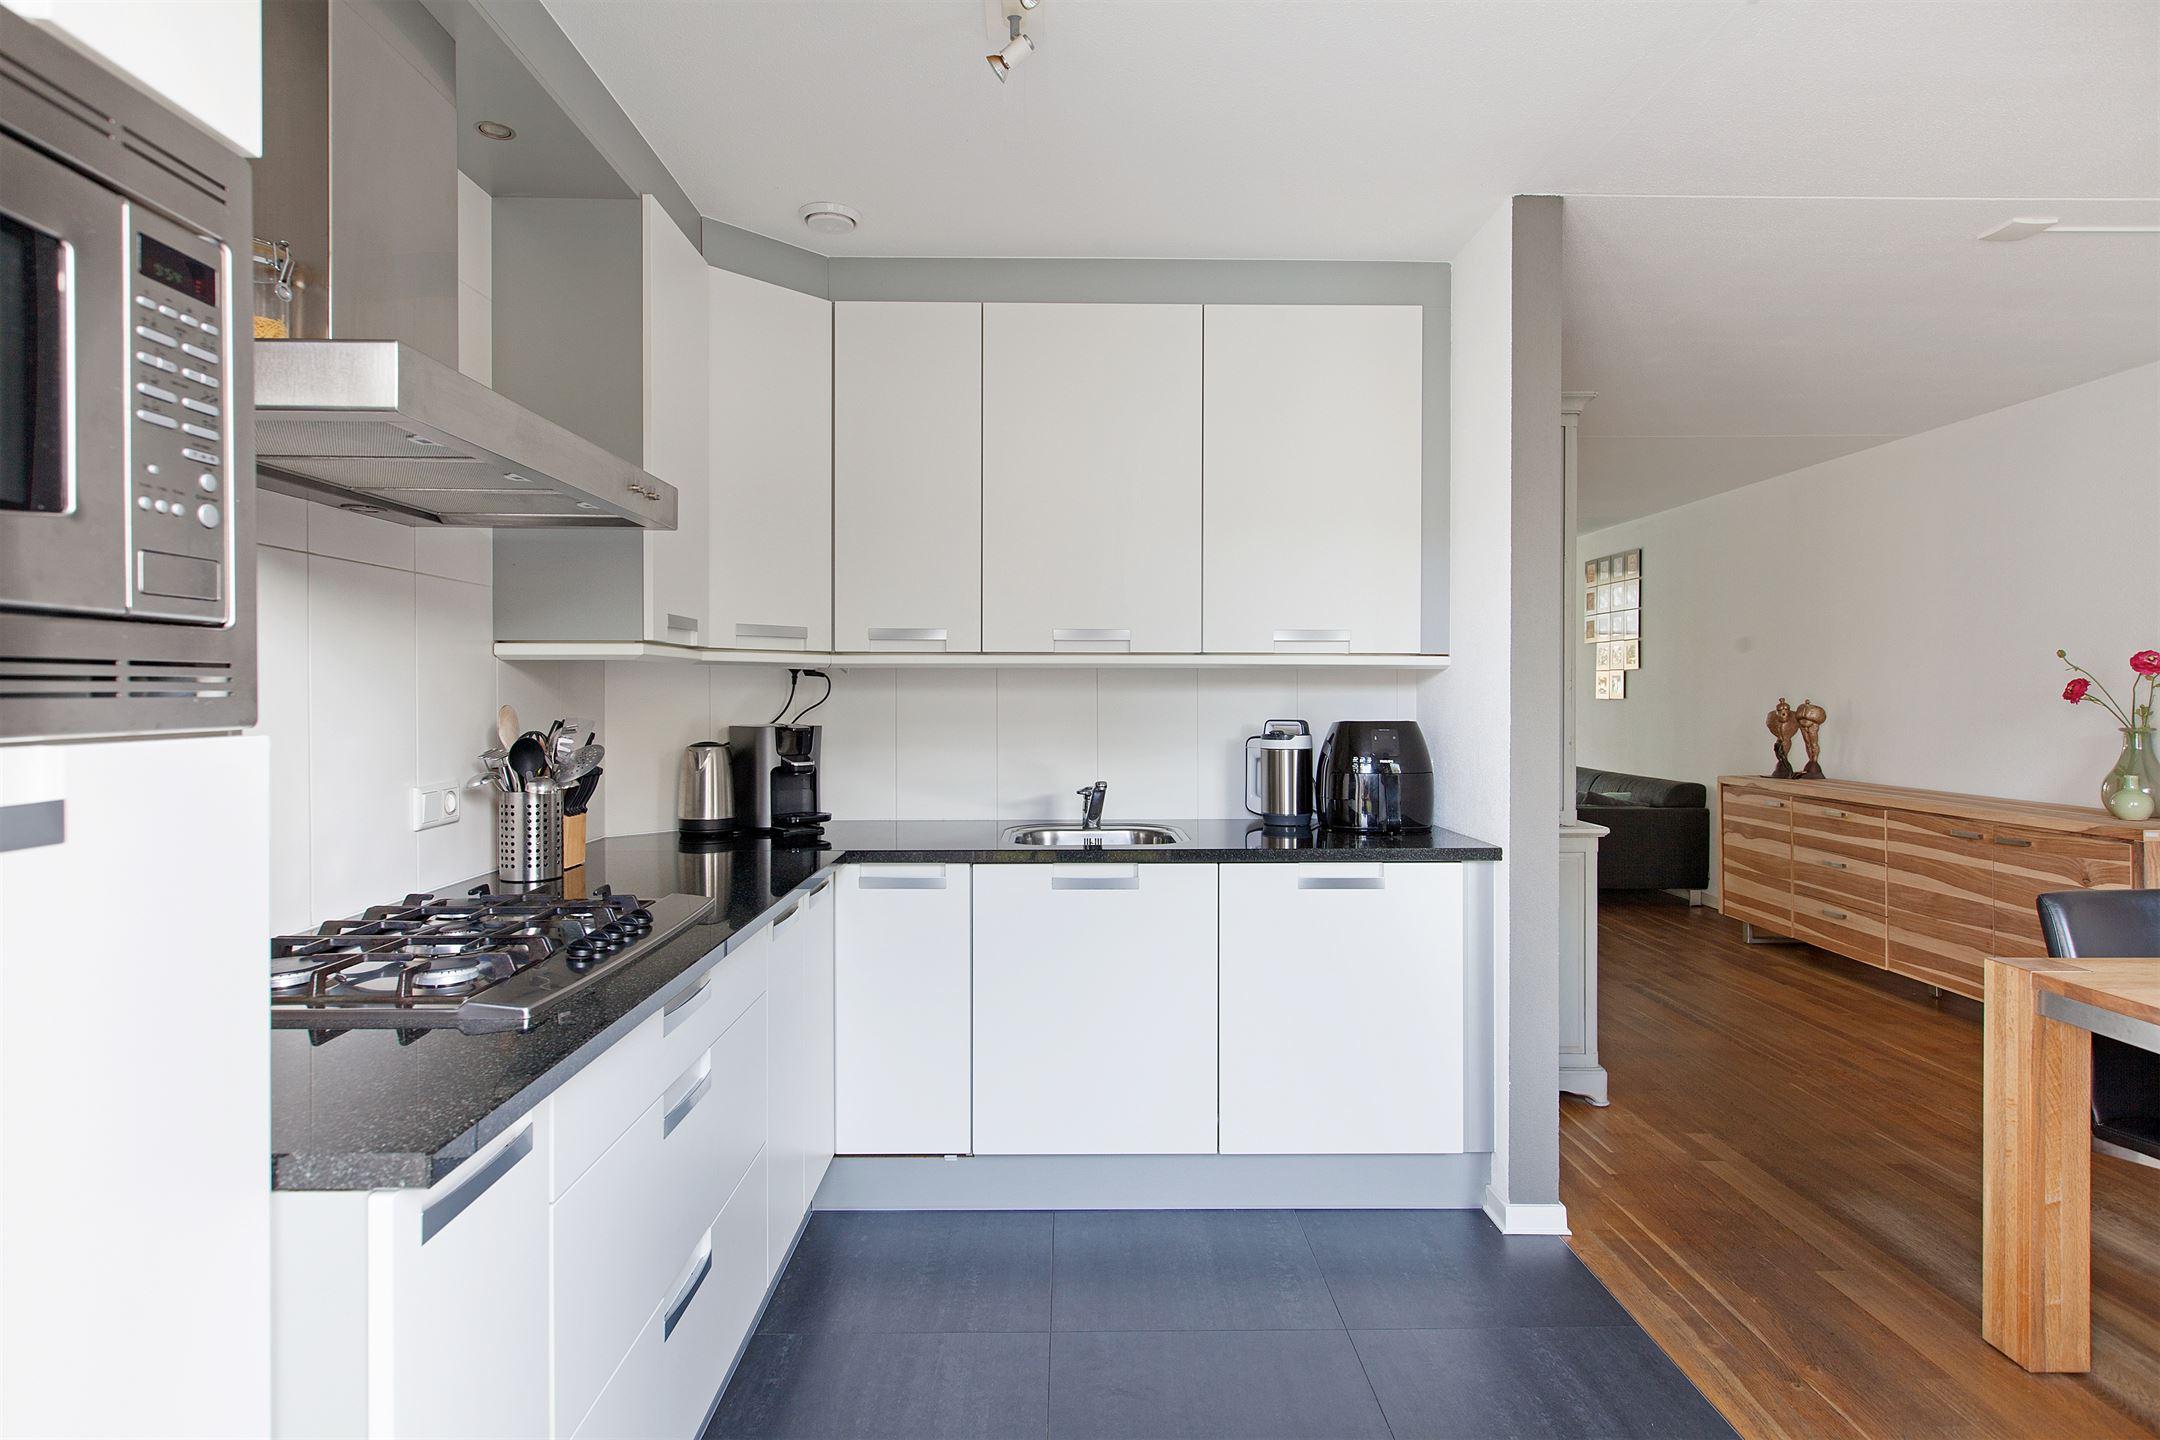 keuken tegels helmond : Huis Te Koop Rupelstraat 10 5704 Ax Helmond Funda